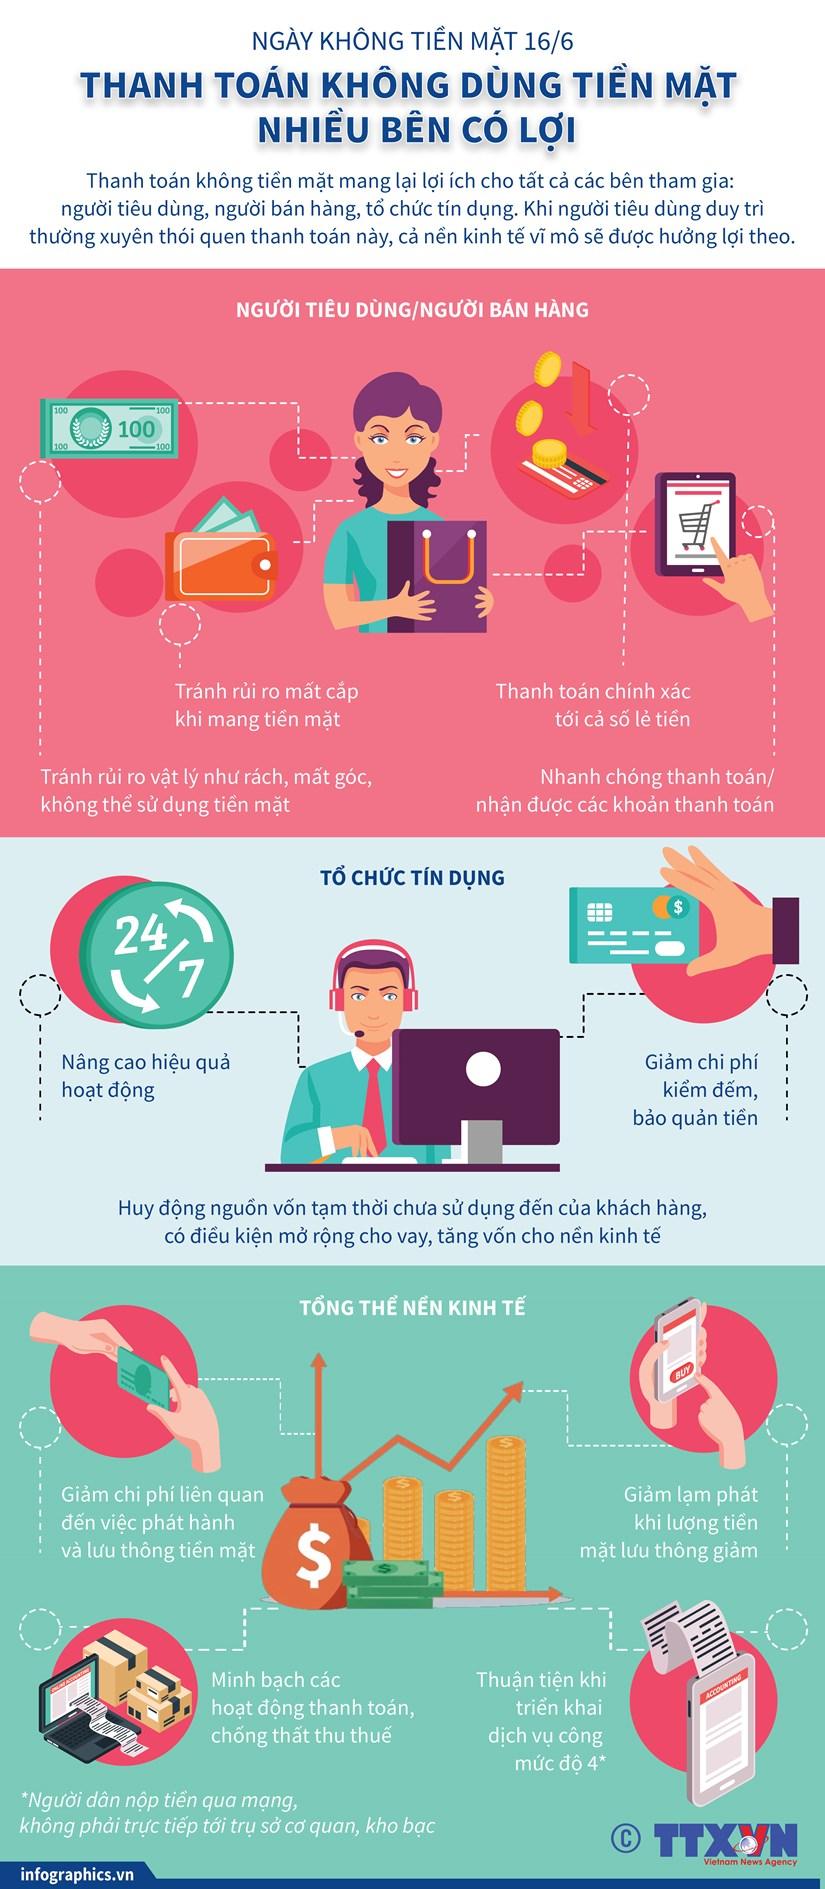 [Infographics] Thanh toan khong dung tien mat - nhieu ben cung co loi hinh anh 1